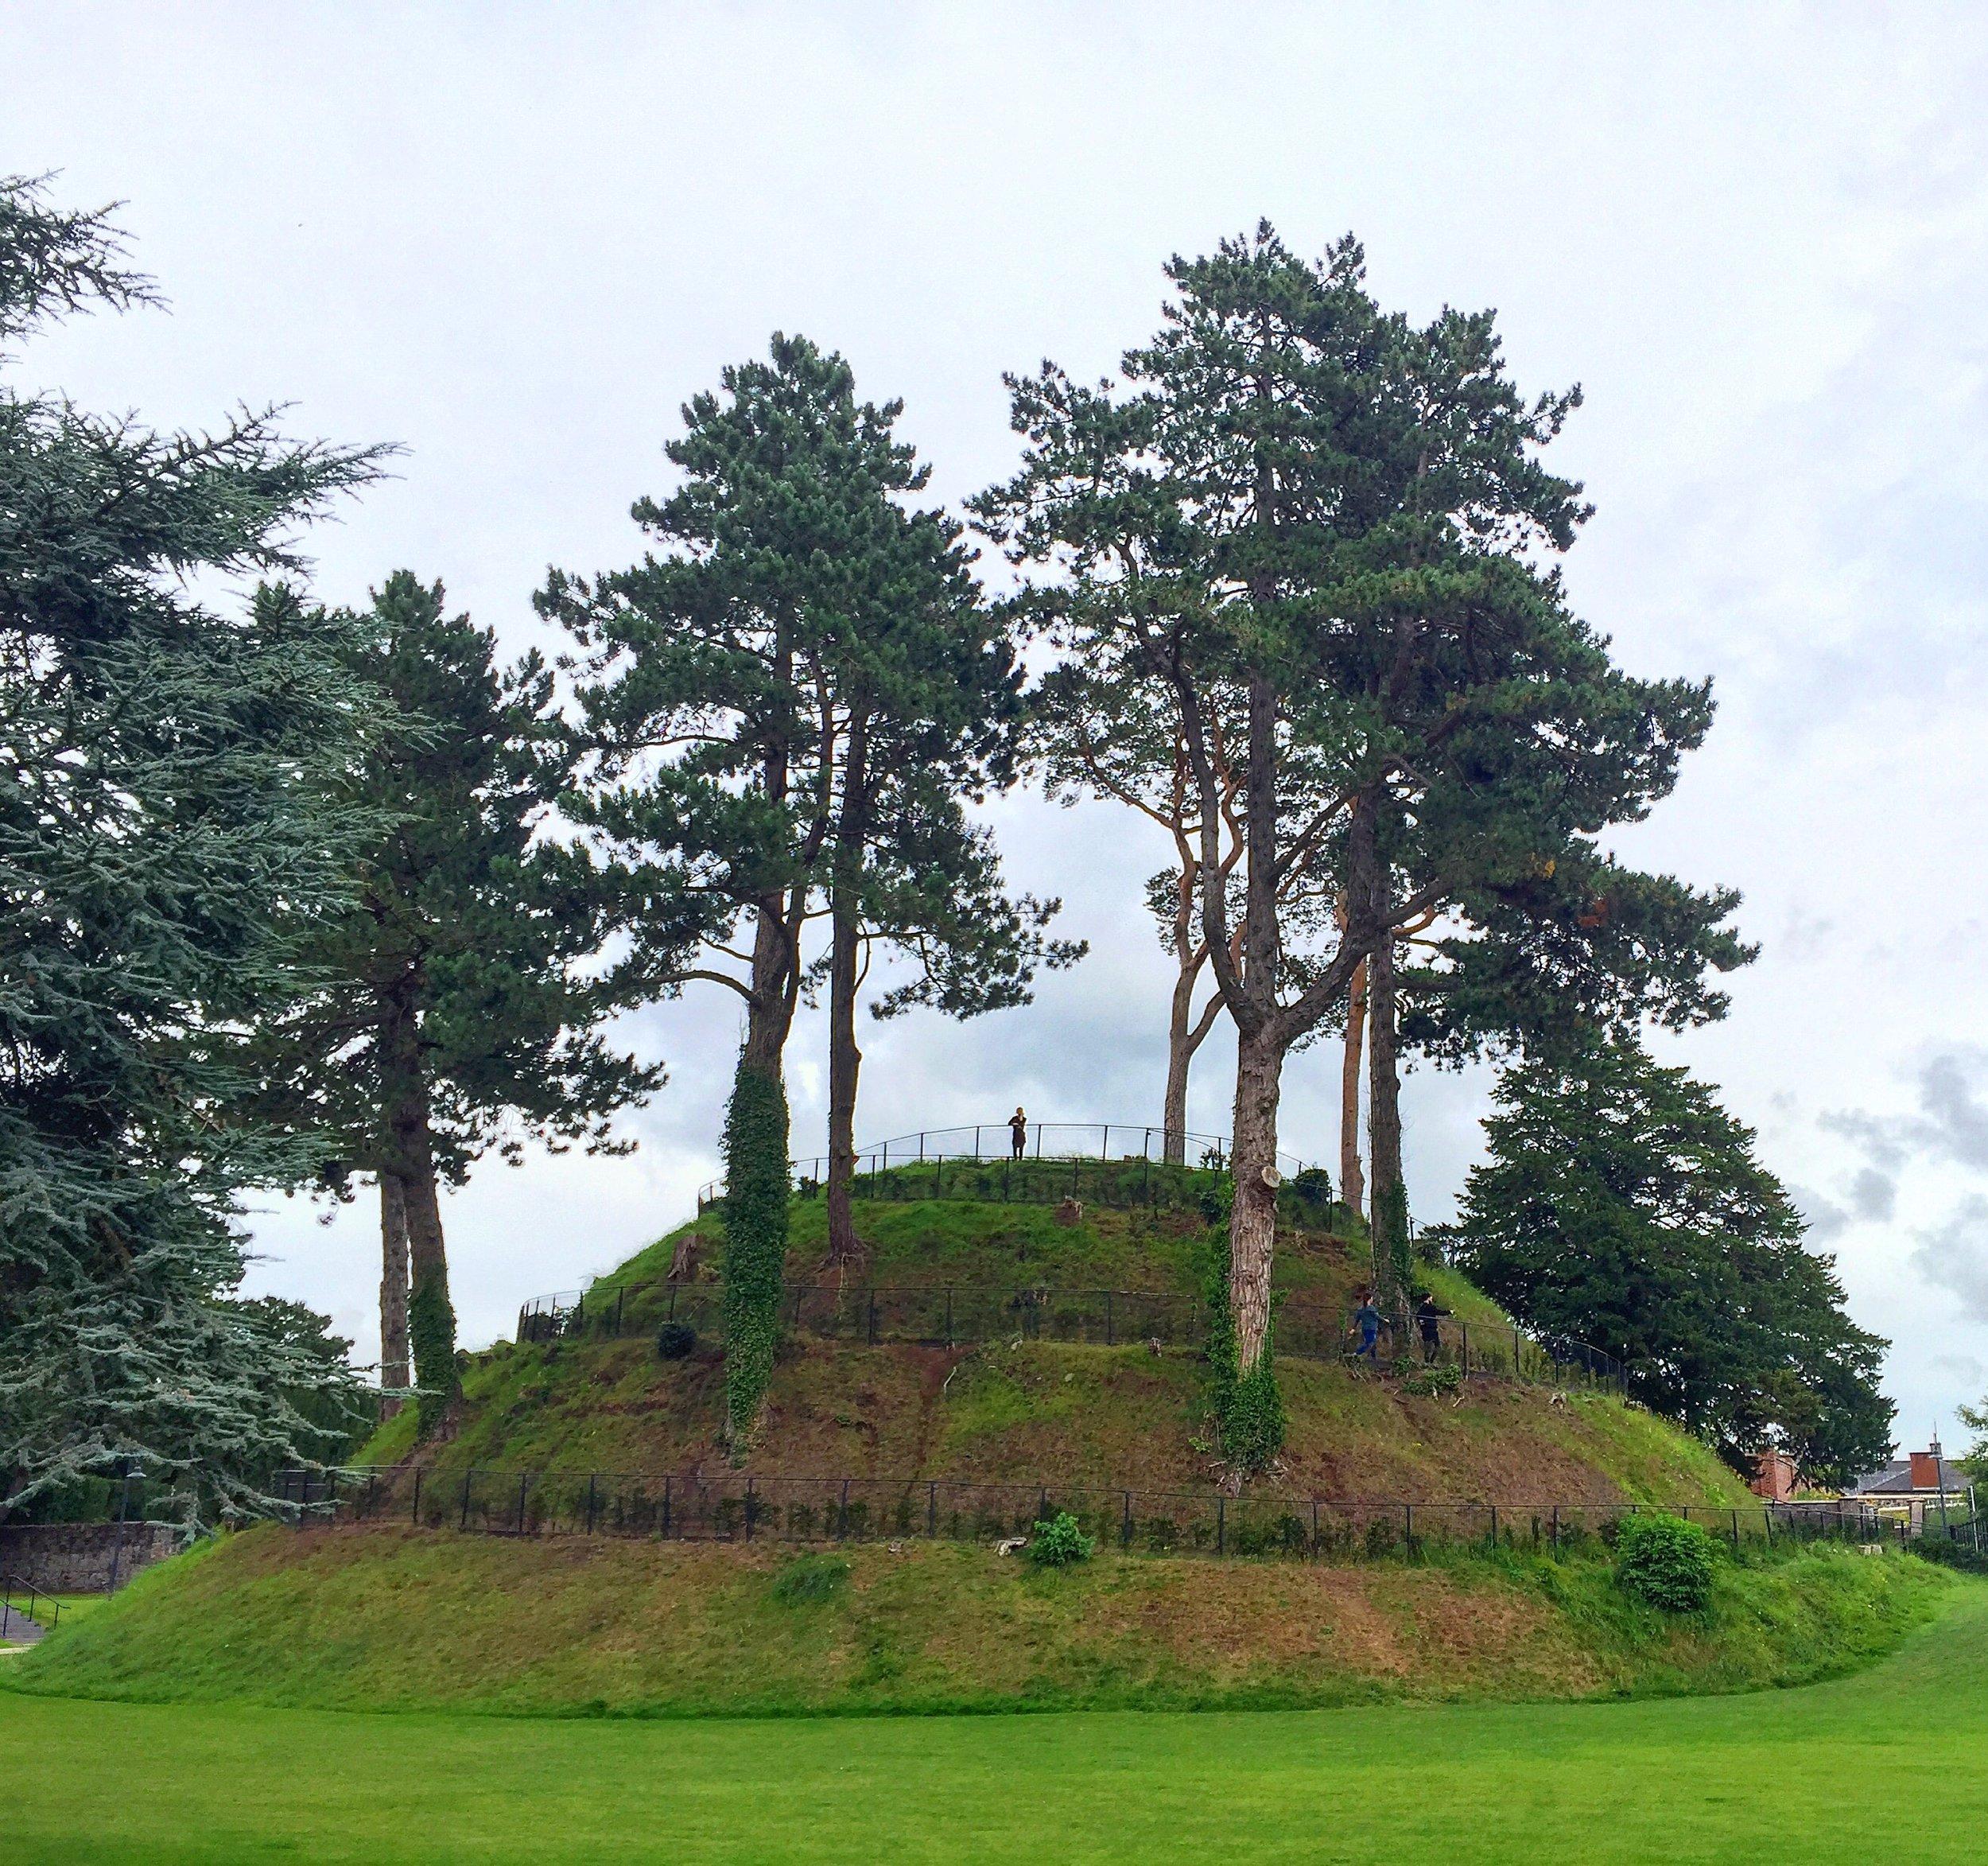 motte_castle_hill_garden_walled_antrim_northern_ireland_ni_explorer_niexplorer.jpg